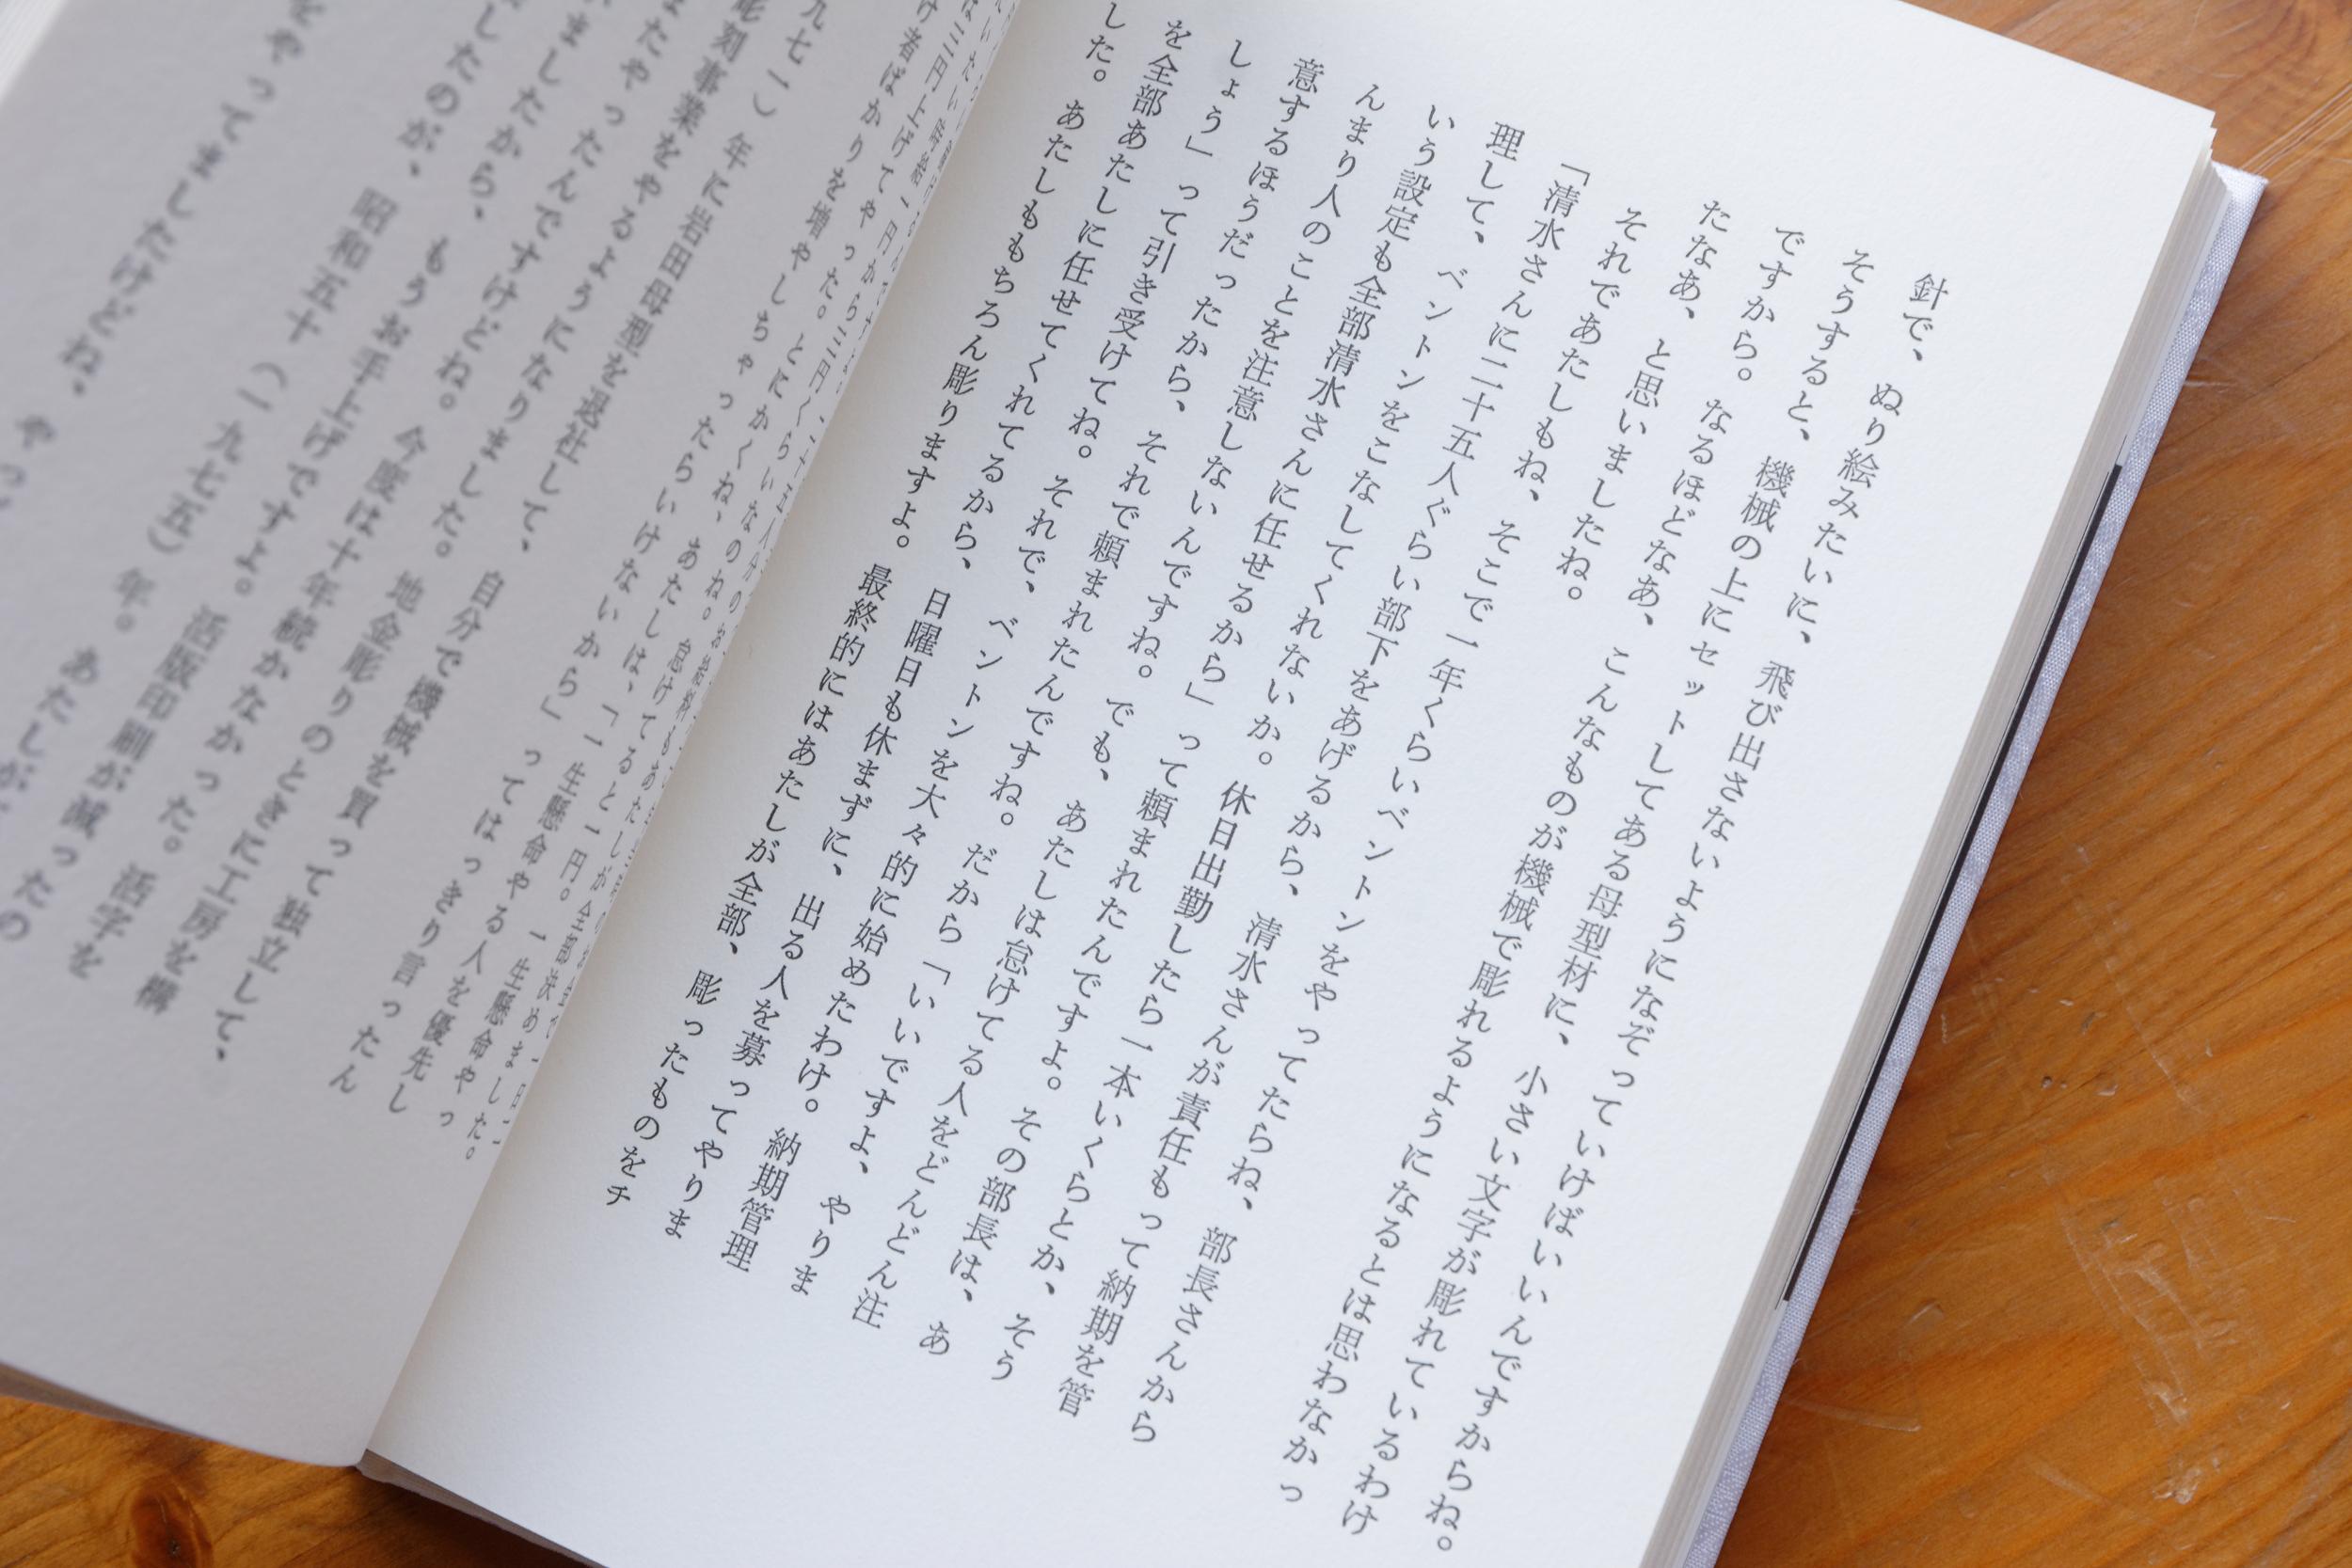 《活字地金彫刻師・清水金之助》一書中的活字印刷字體「岩田細明朝」。© 劉代揚